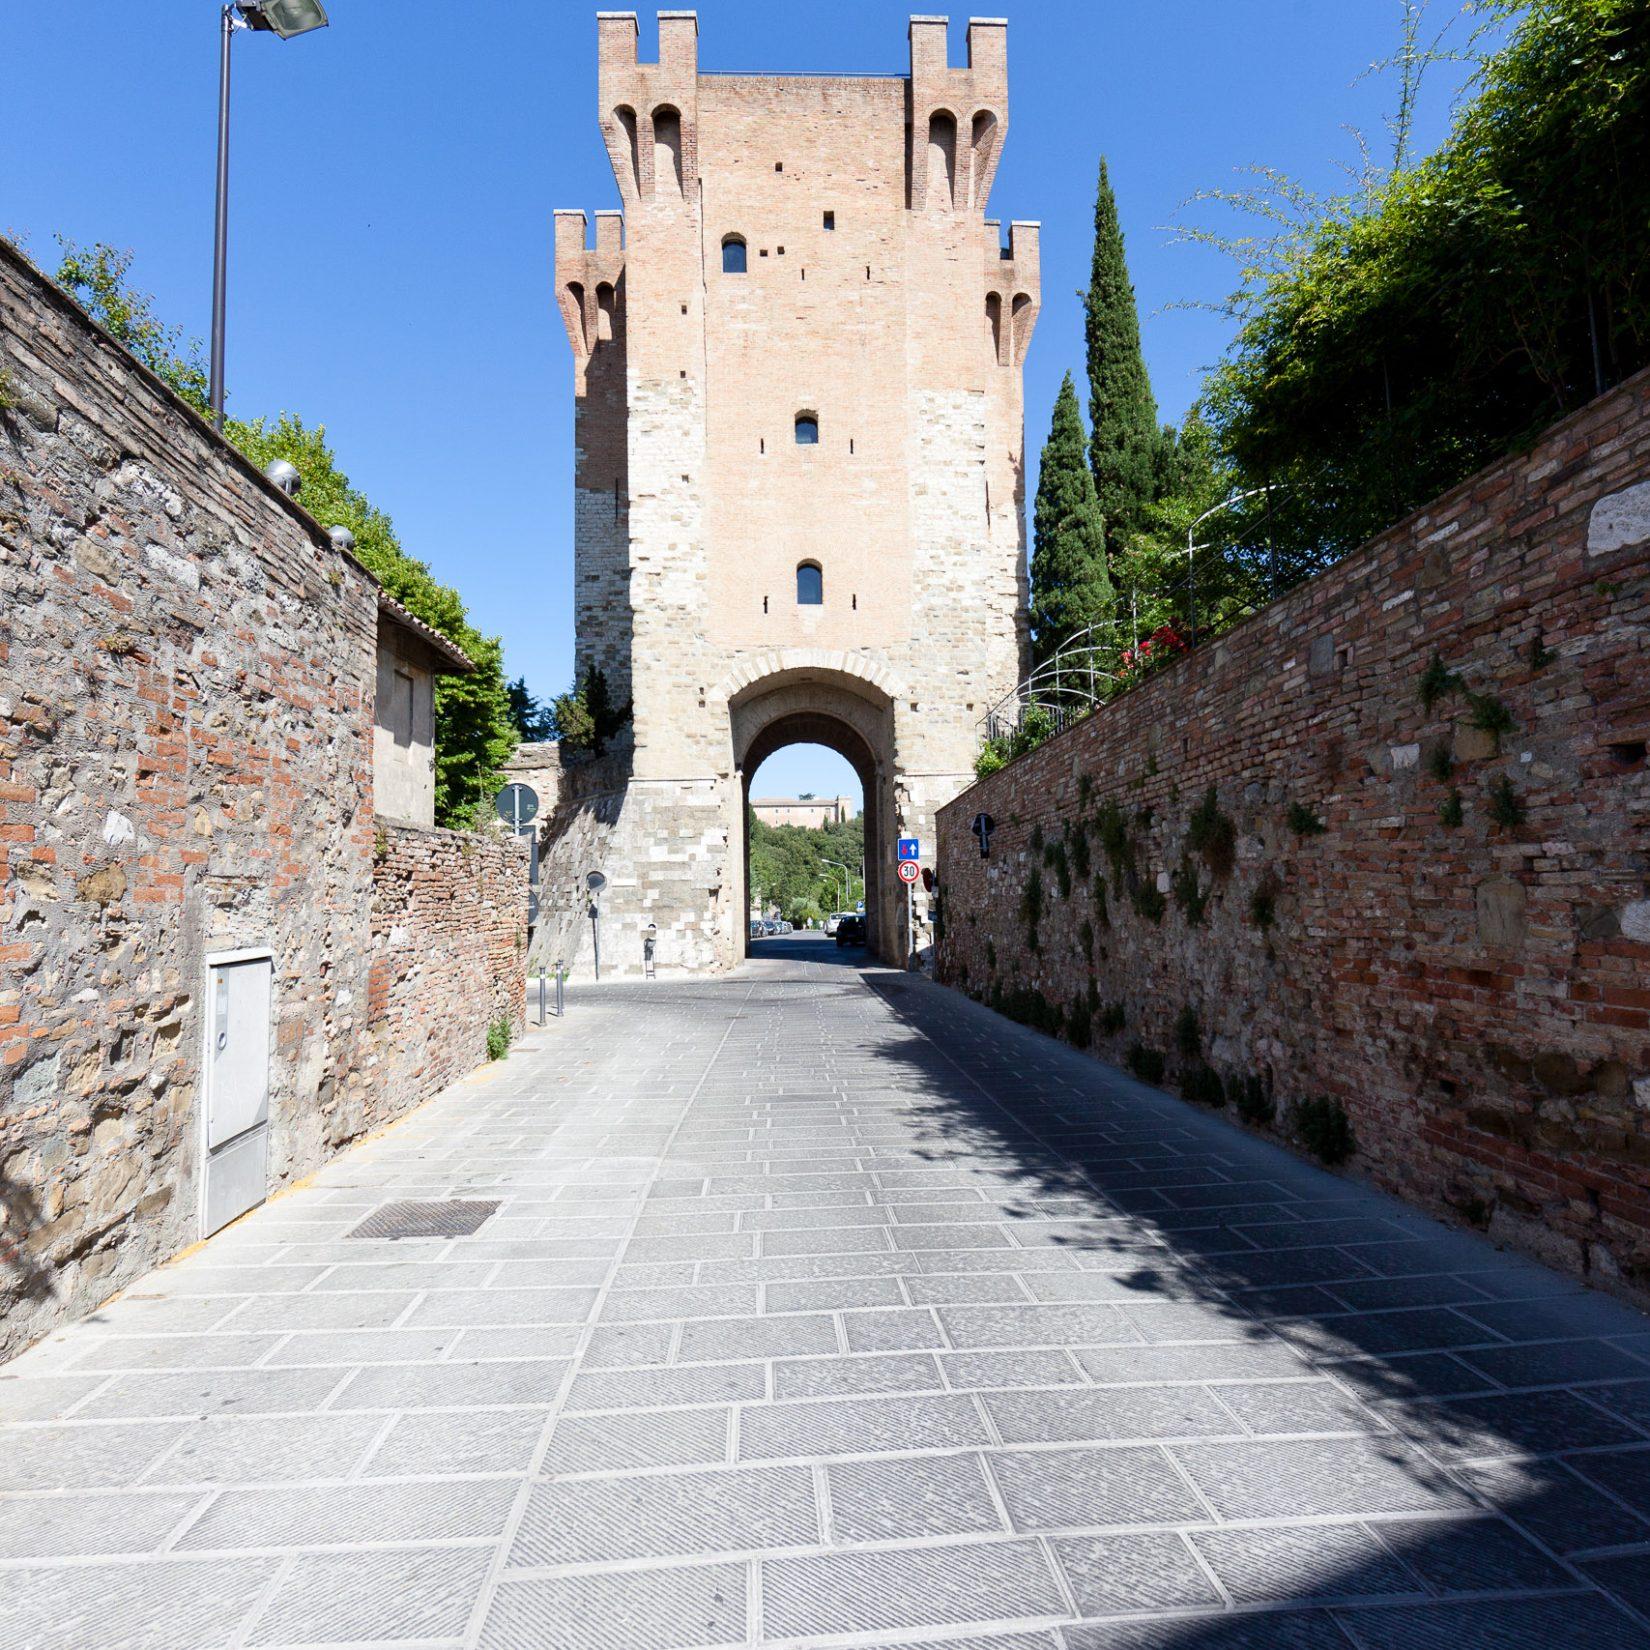 Tempio di Sant'Angelo - Perugia, Umbria - Articity